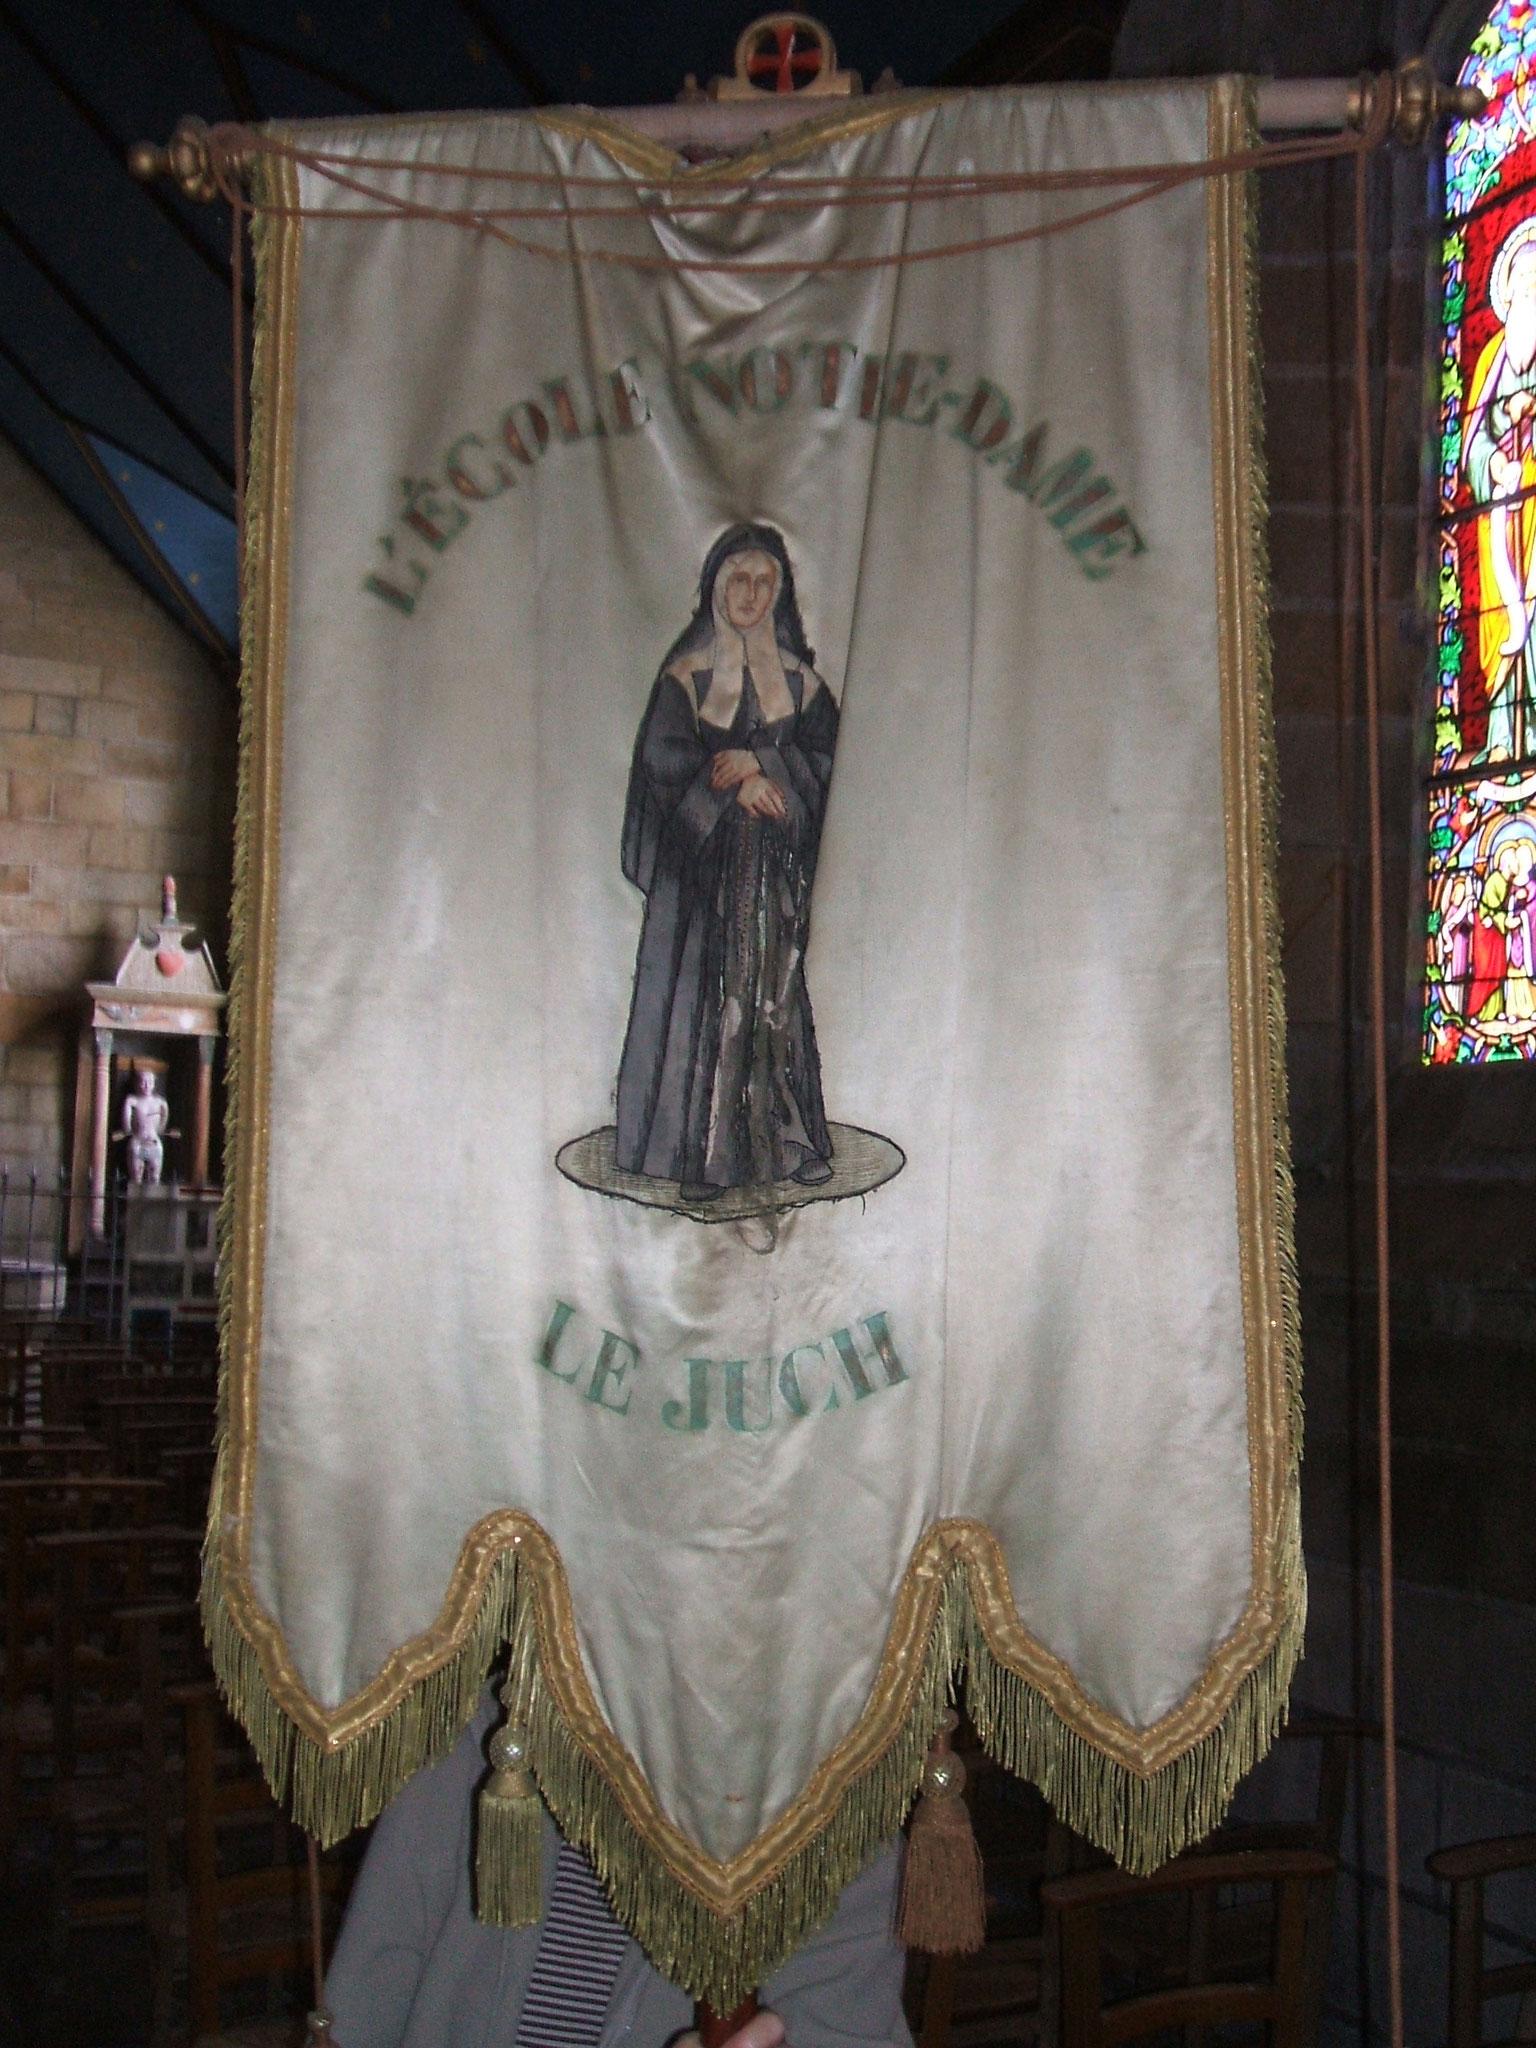 Bannière de l'école Notre-Dame du Juch, sainte Thérèse.